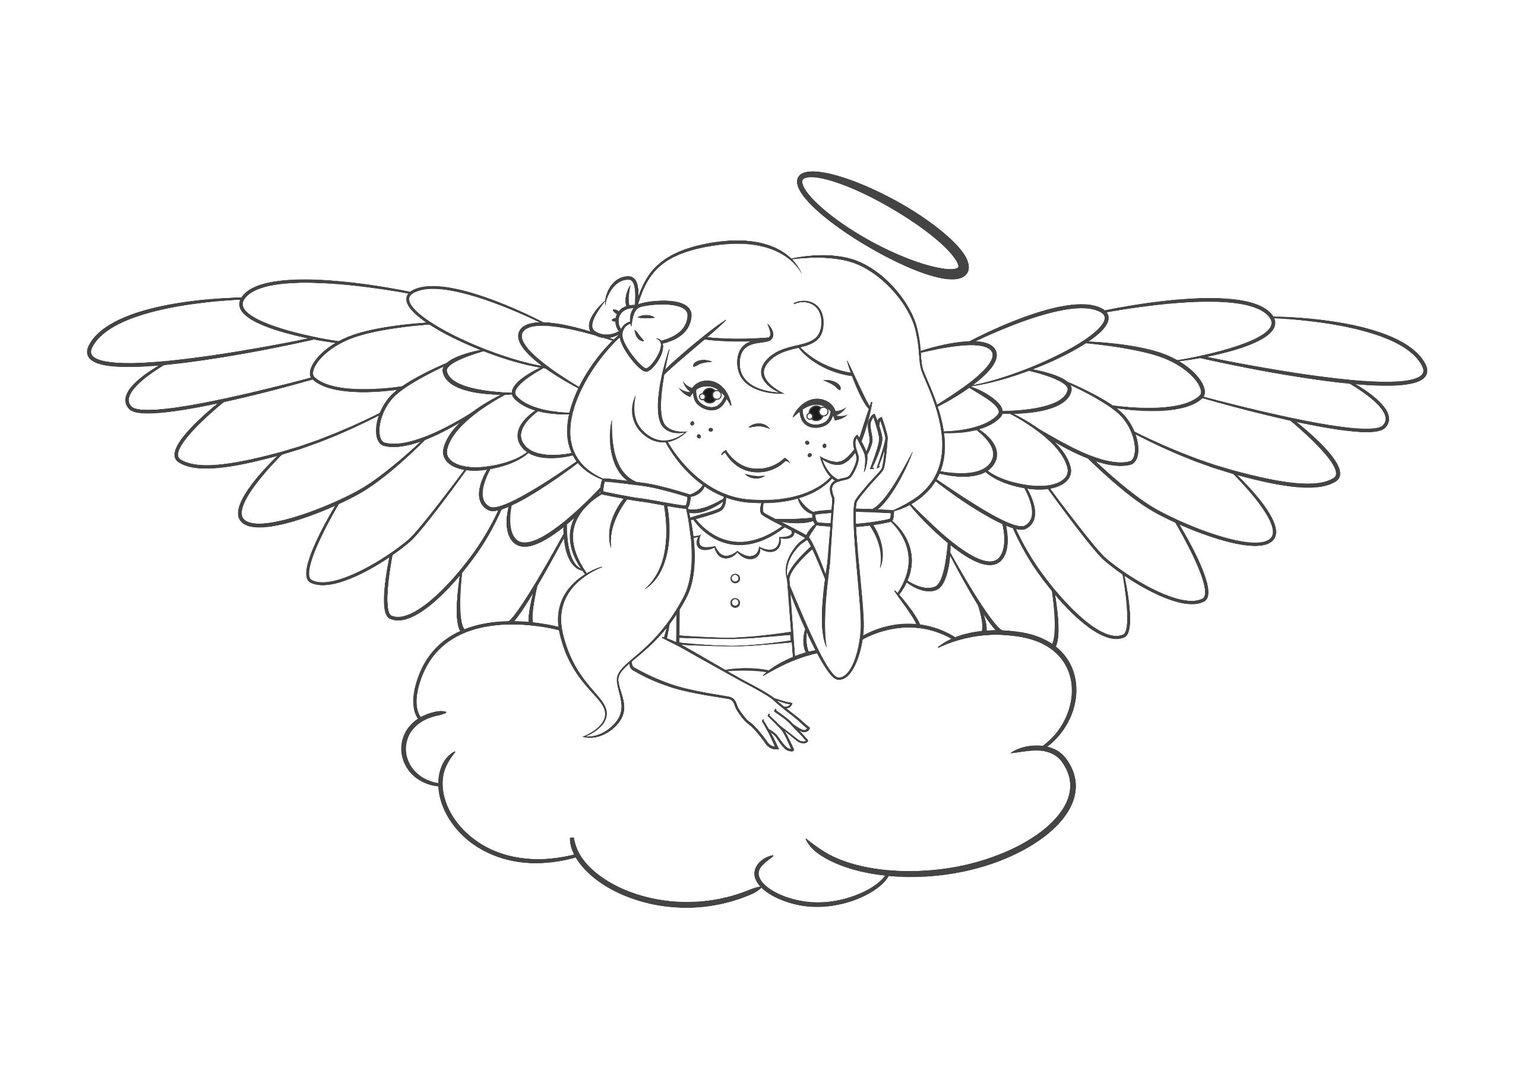 Malvorlagen Engel Auf Wolke | My blog